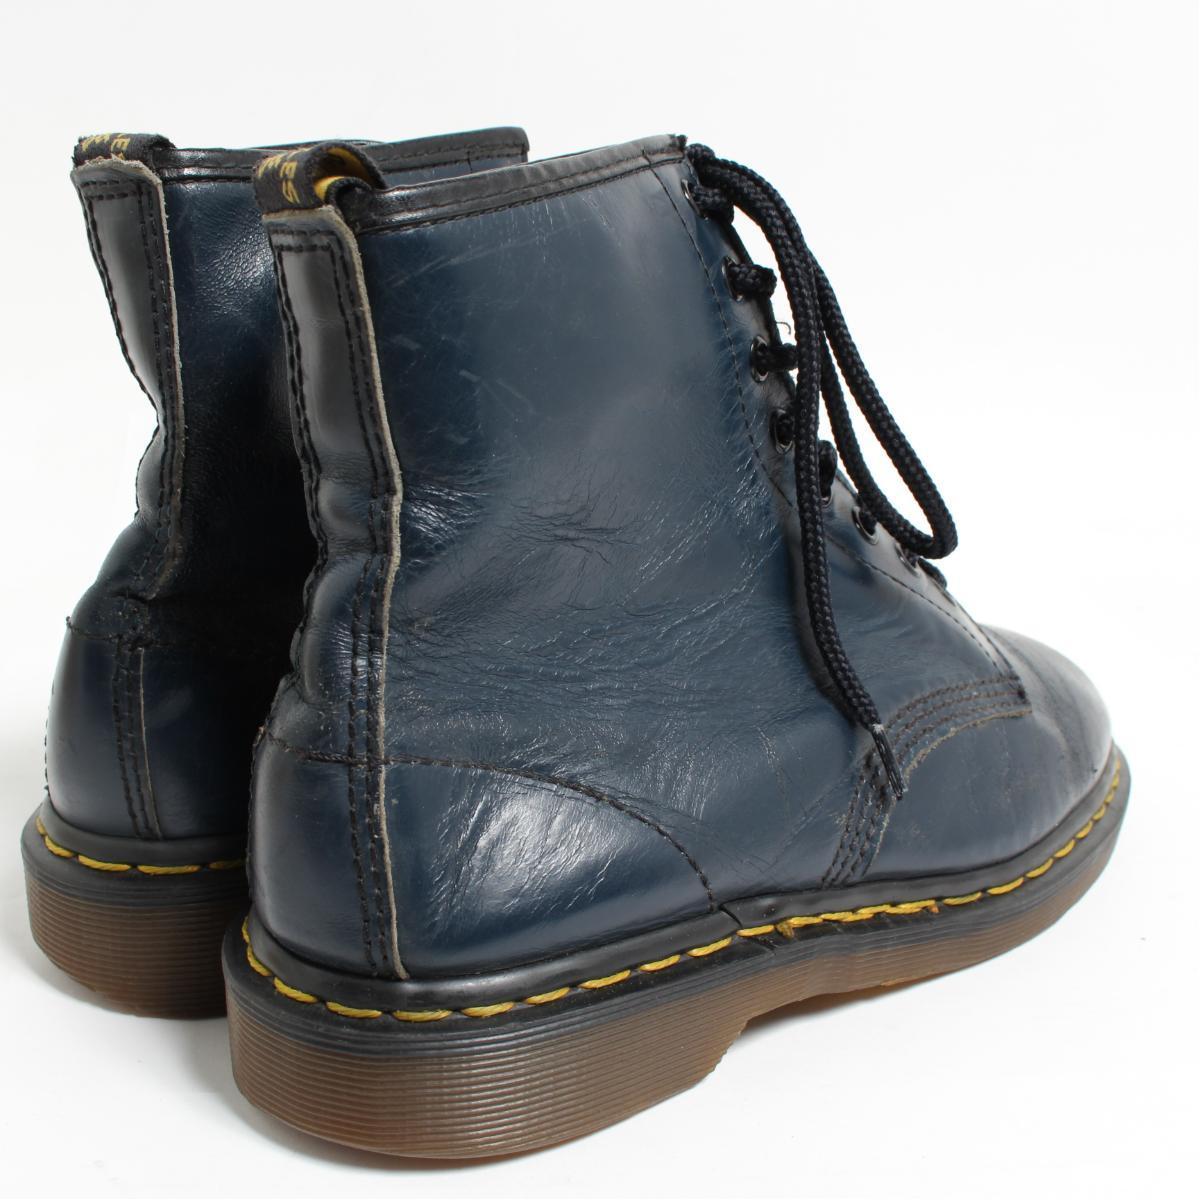 UK7 men 25.5cm /bon0090 made in the doctor Martin Dr.Martens 8 hall boots U.K.